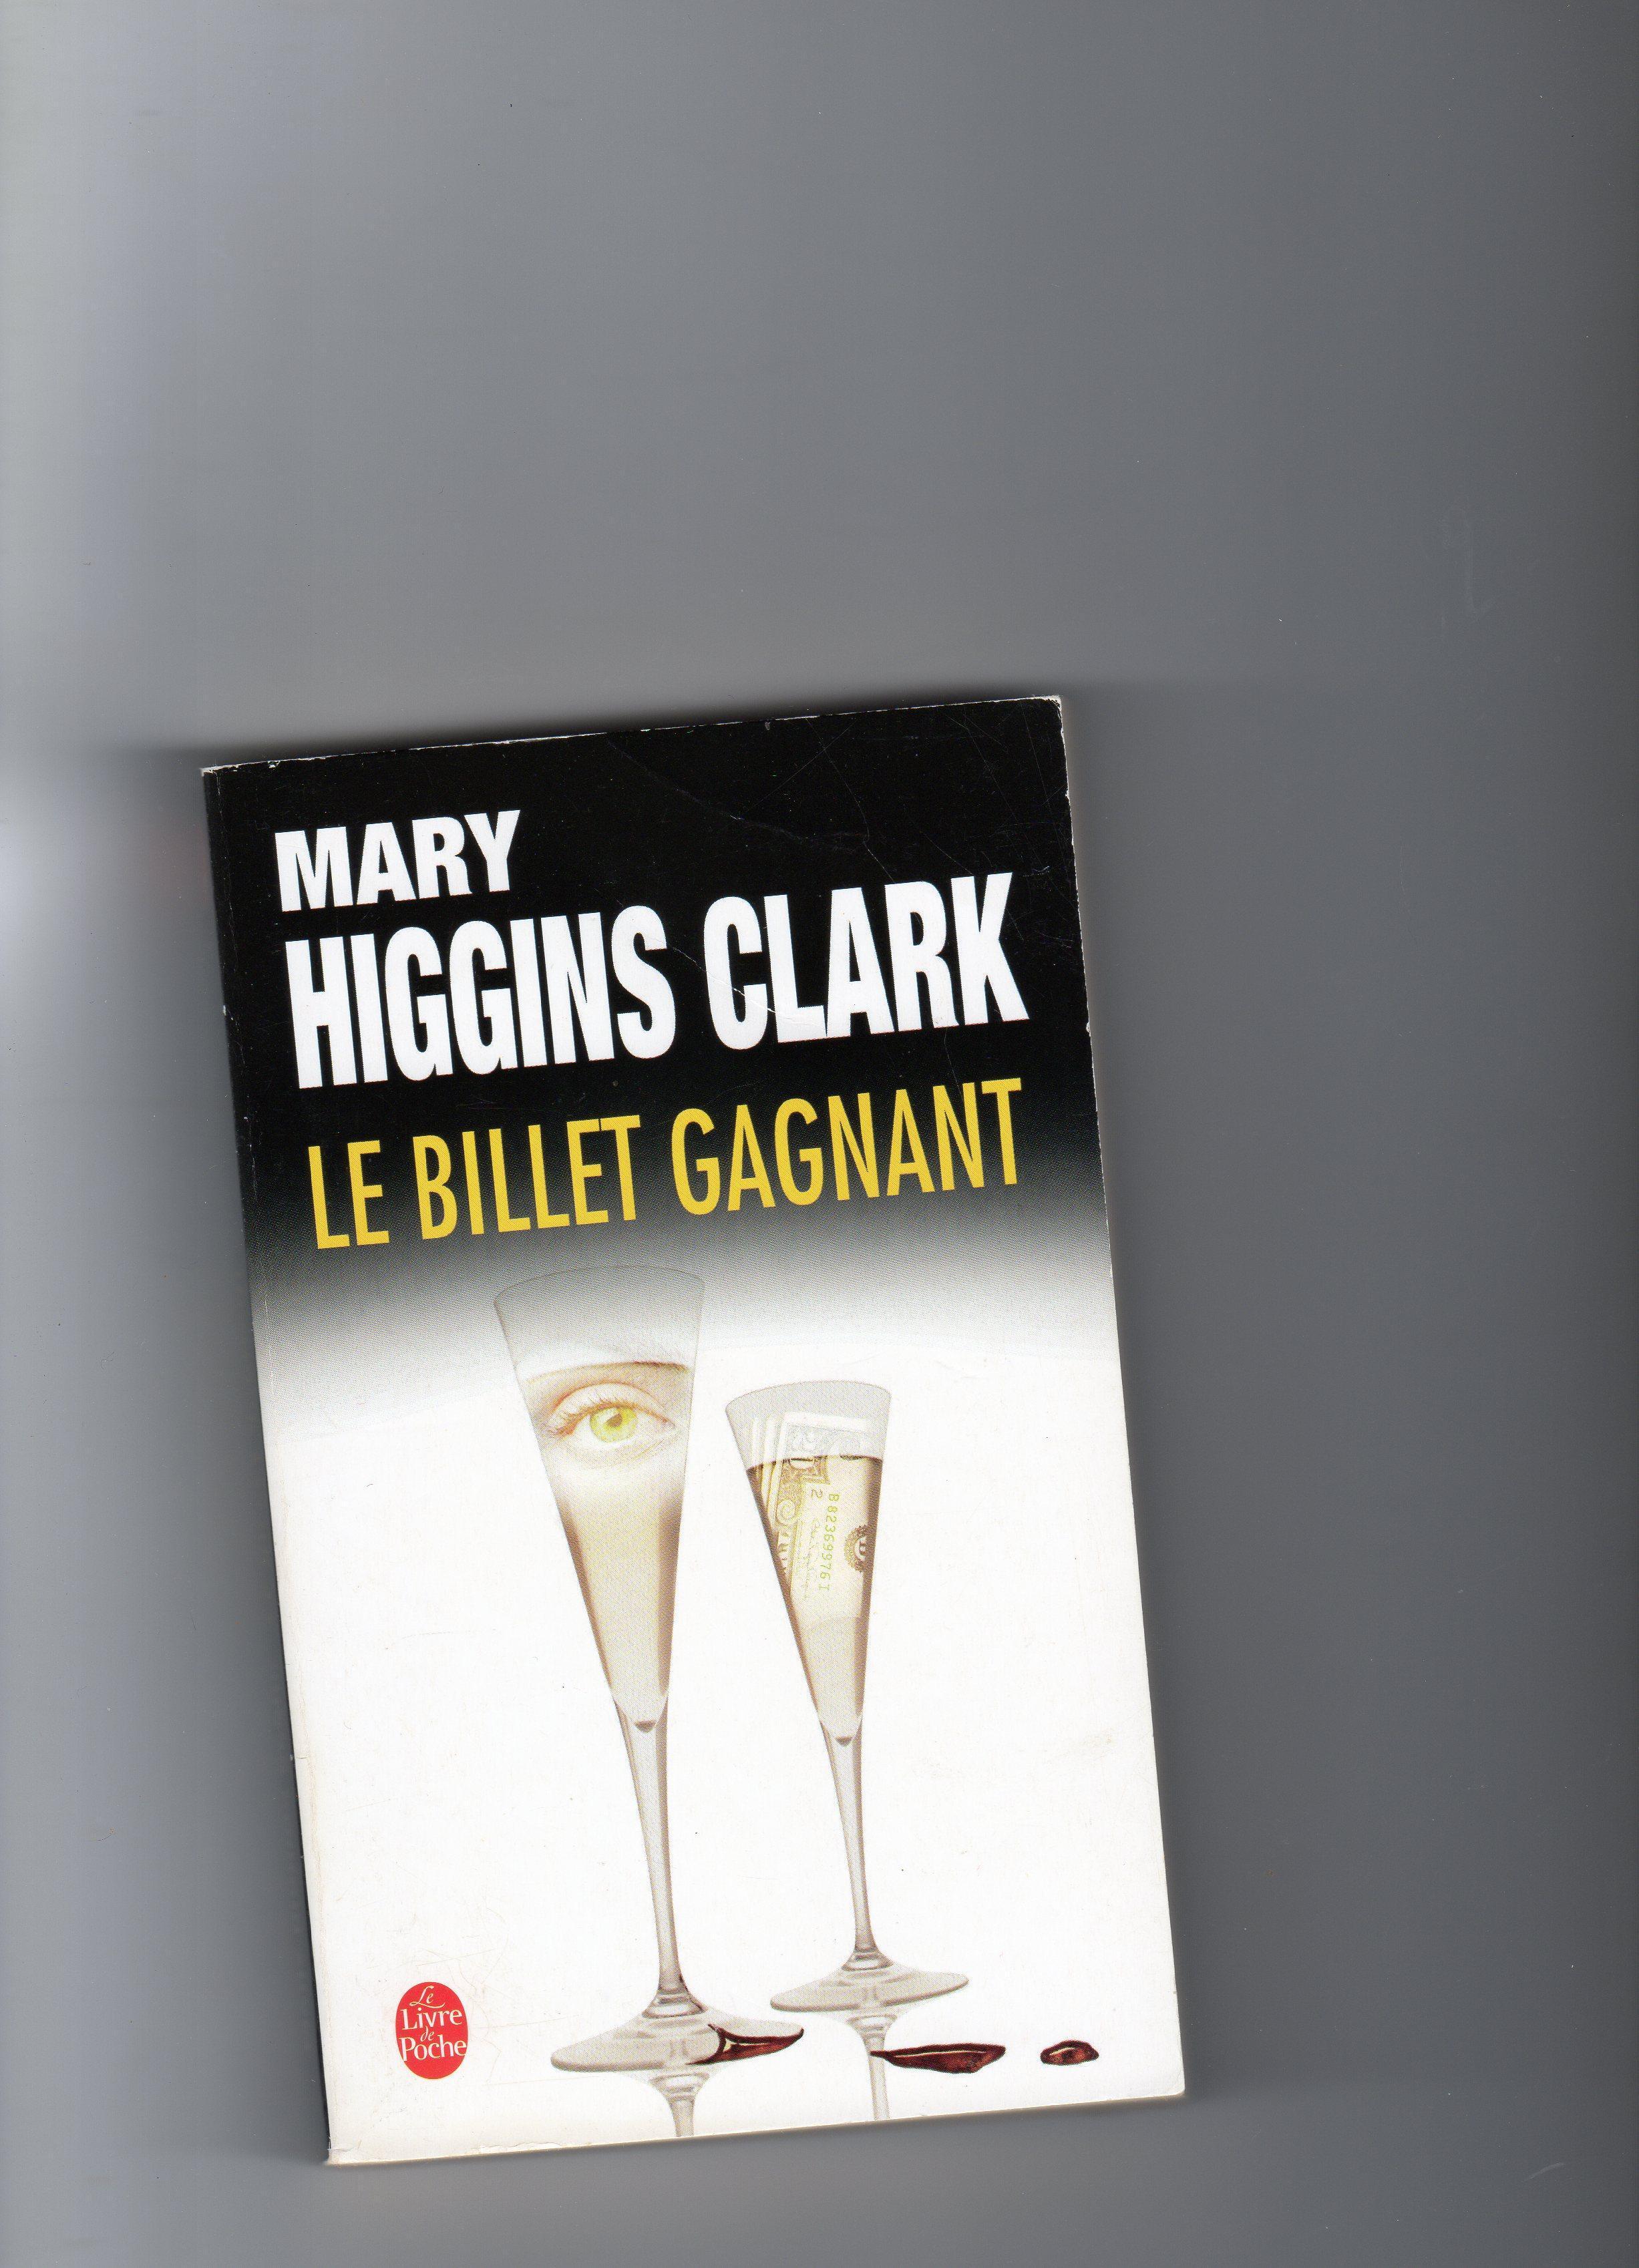 troc de troc le billet gagnant  mary higgins clark image 0